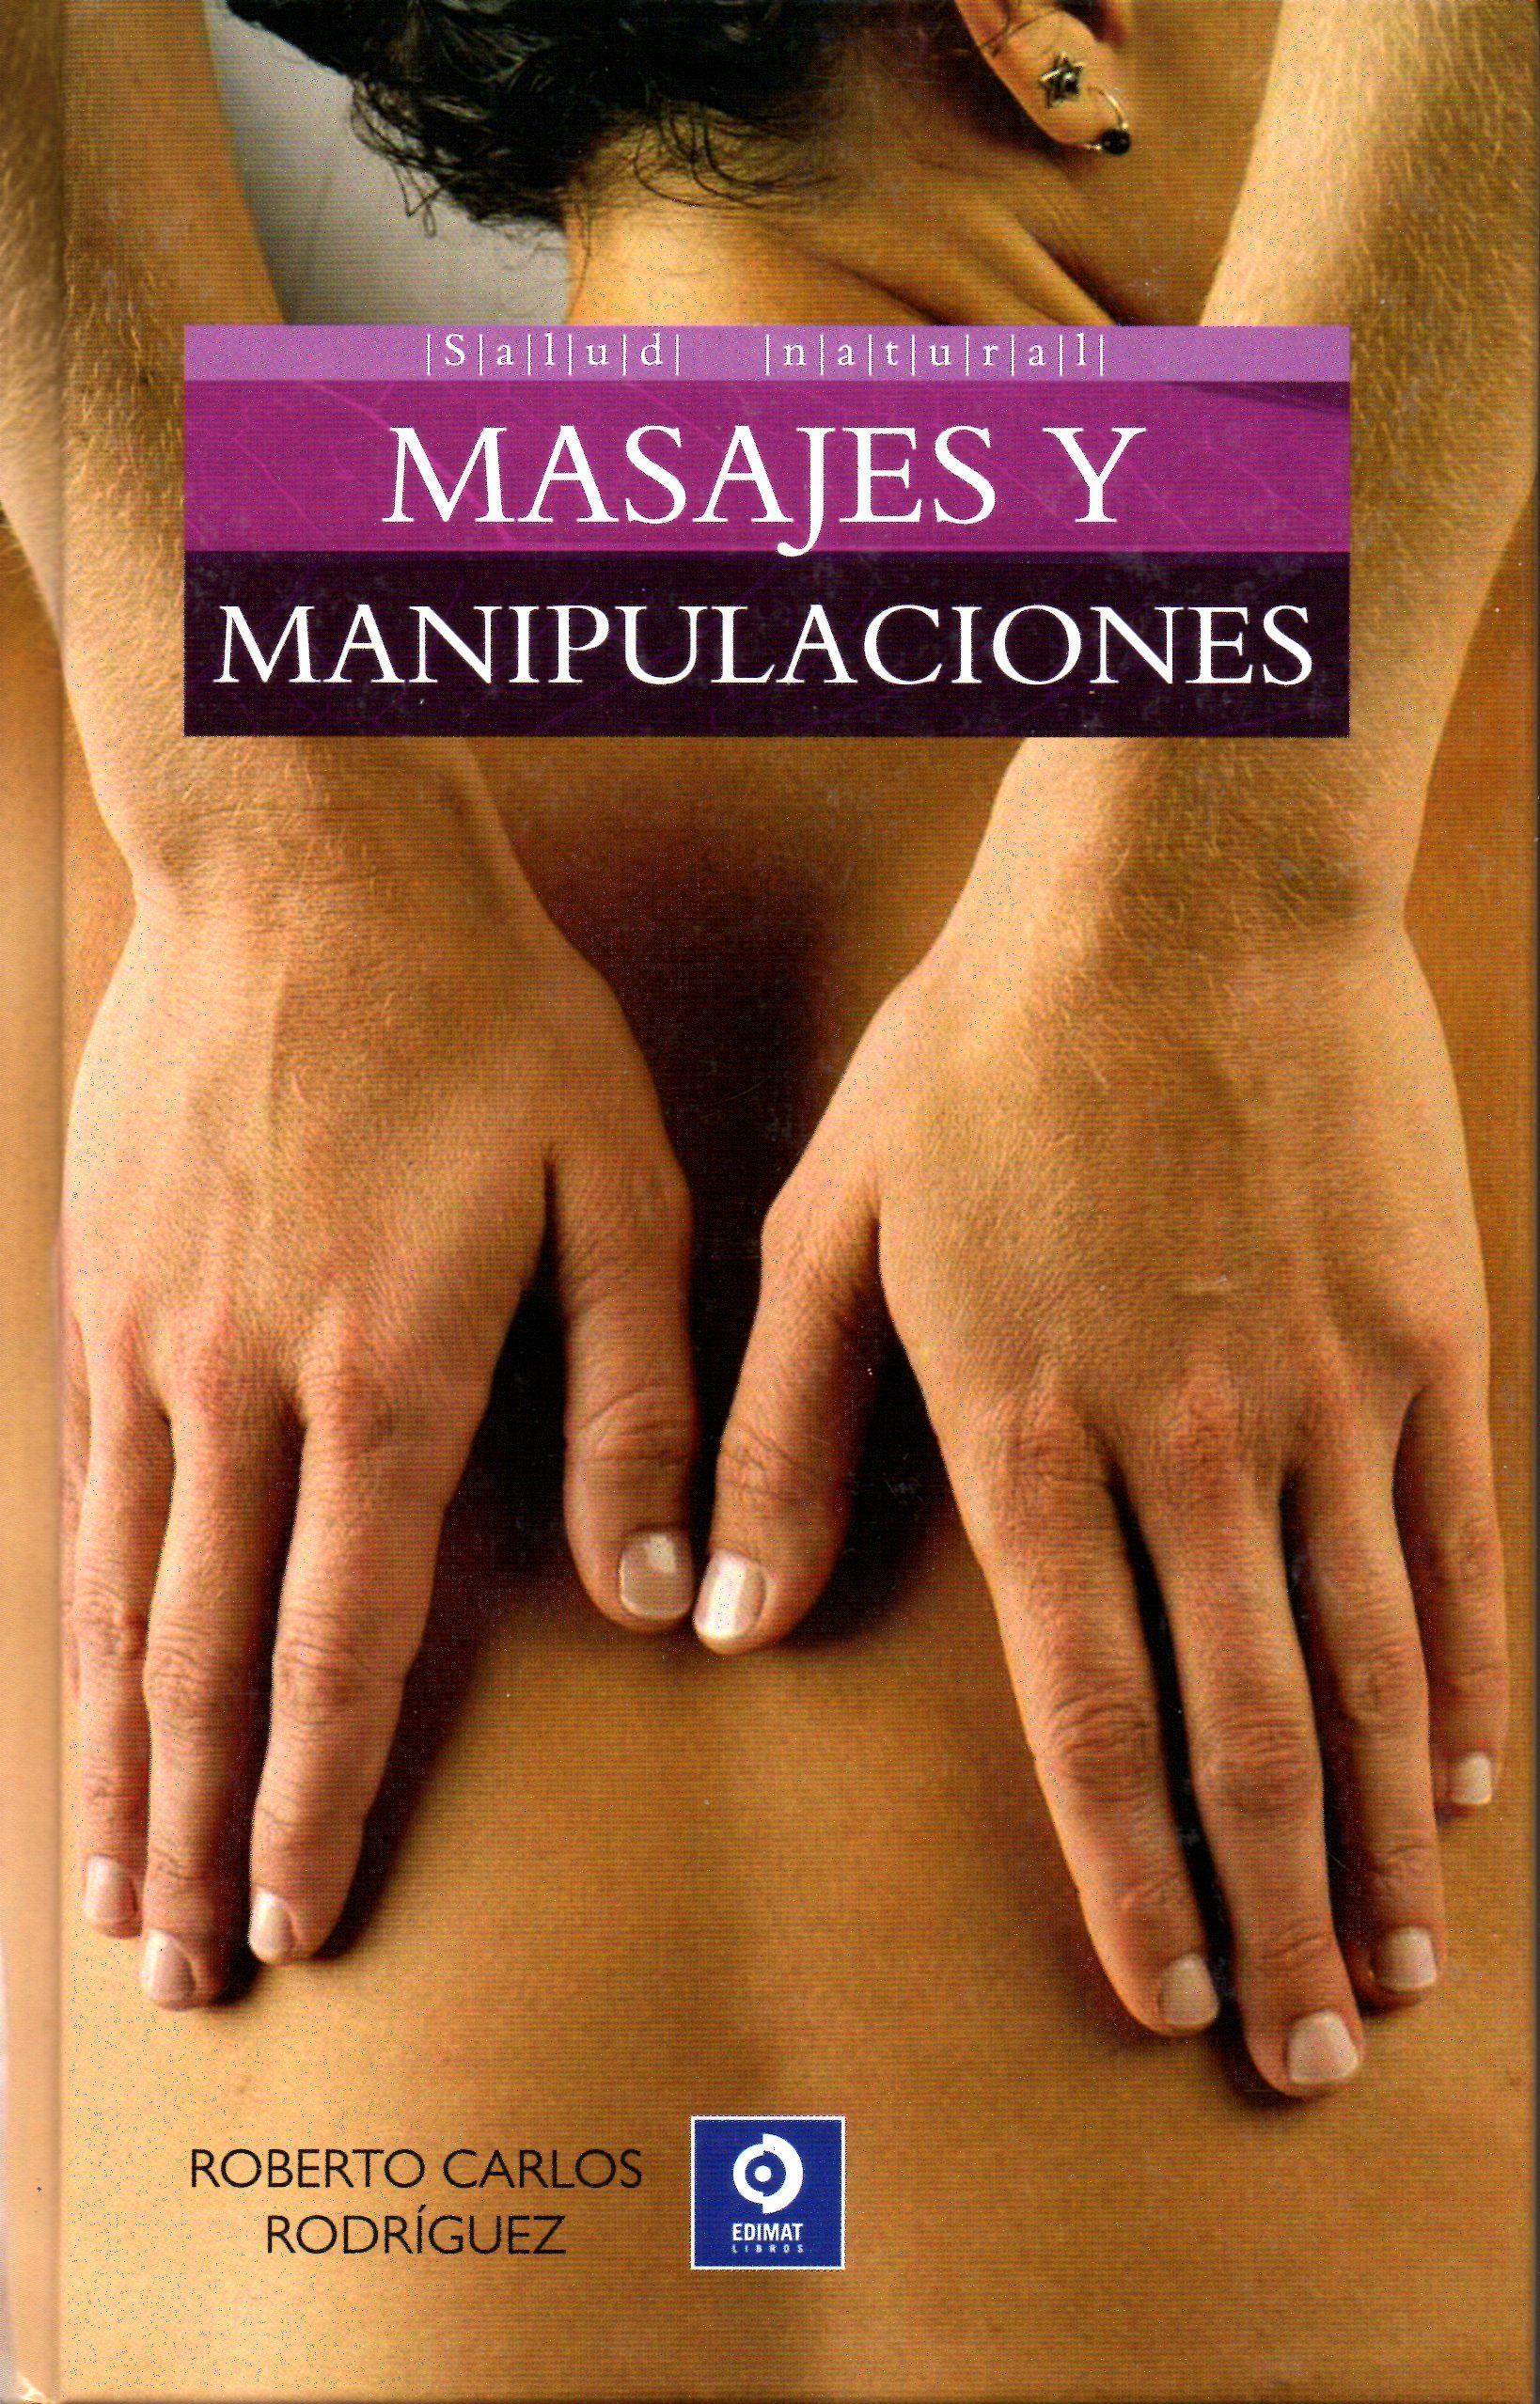 Masajes Y Manipulaciones por Roberto Carlos Rodriguez